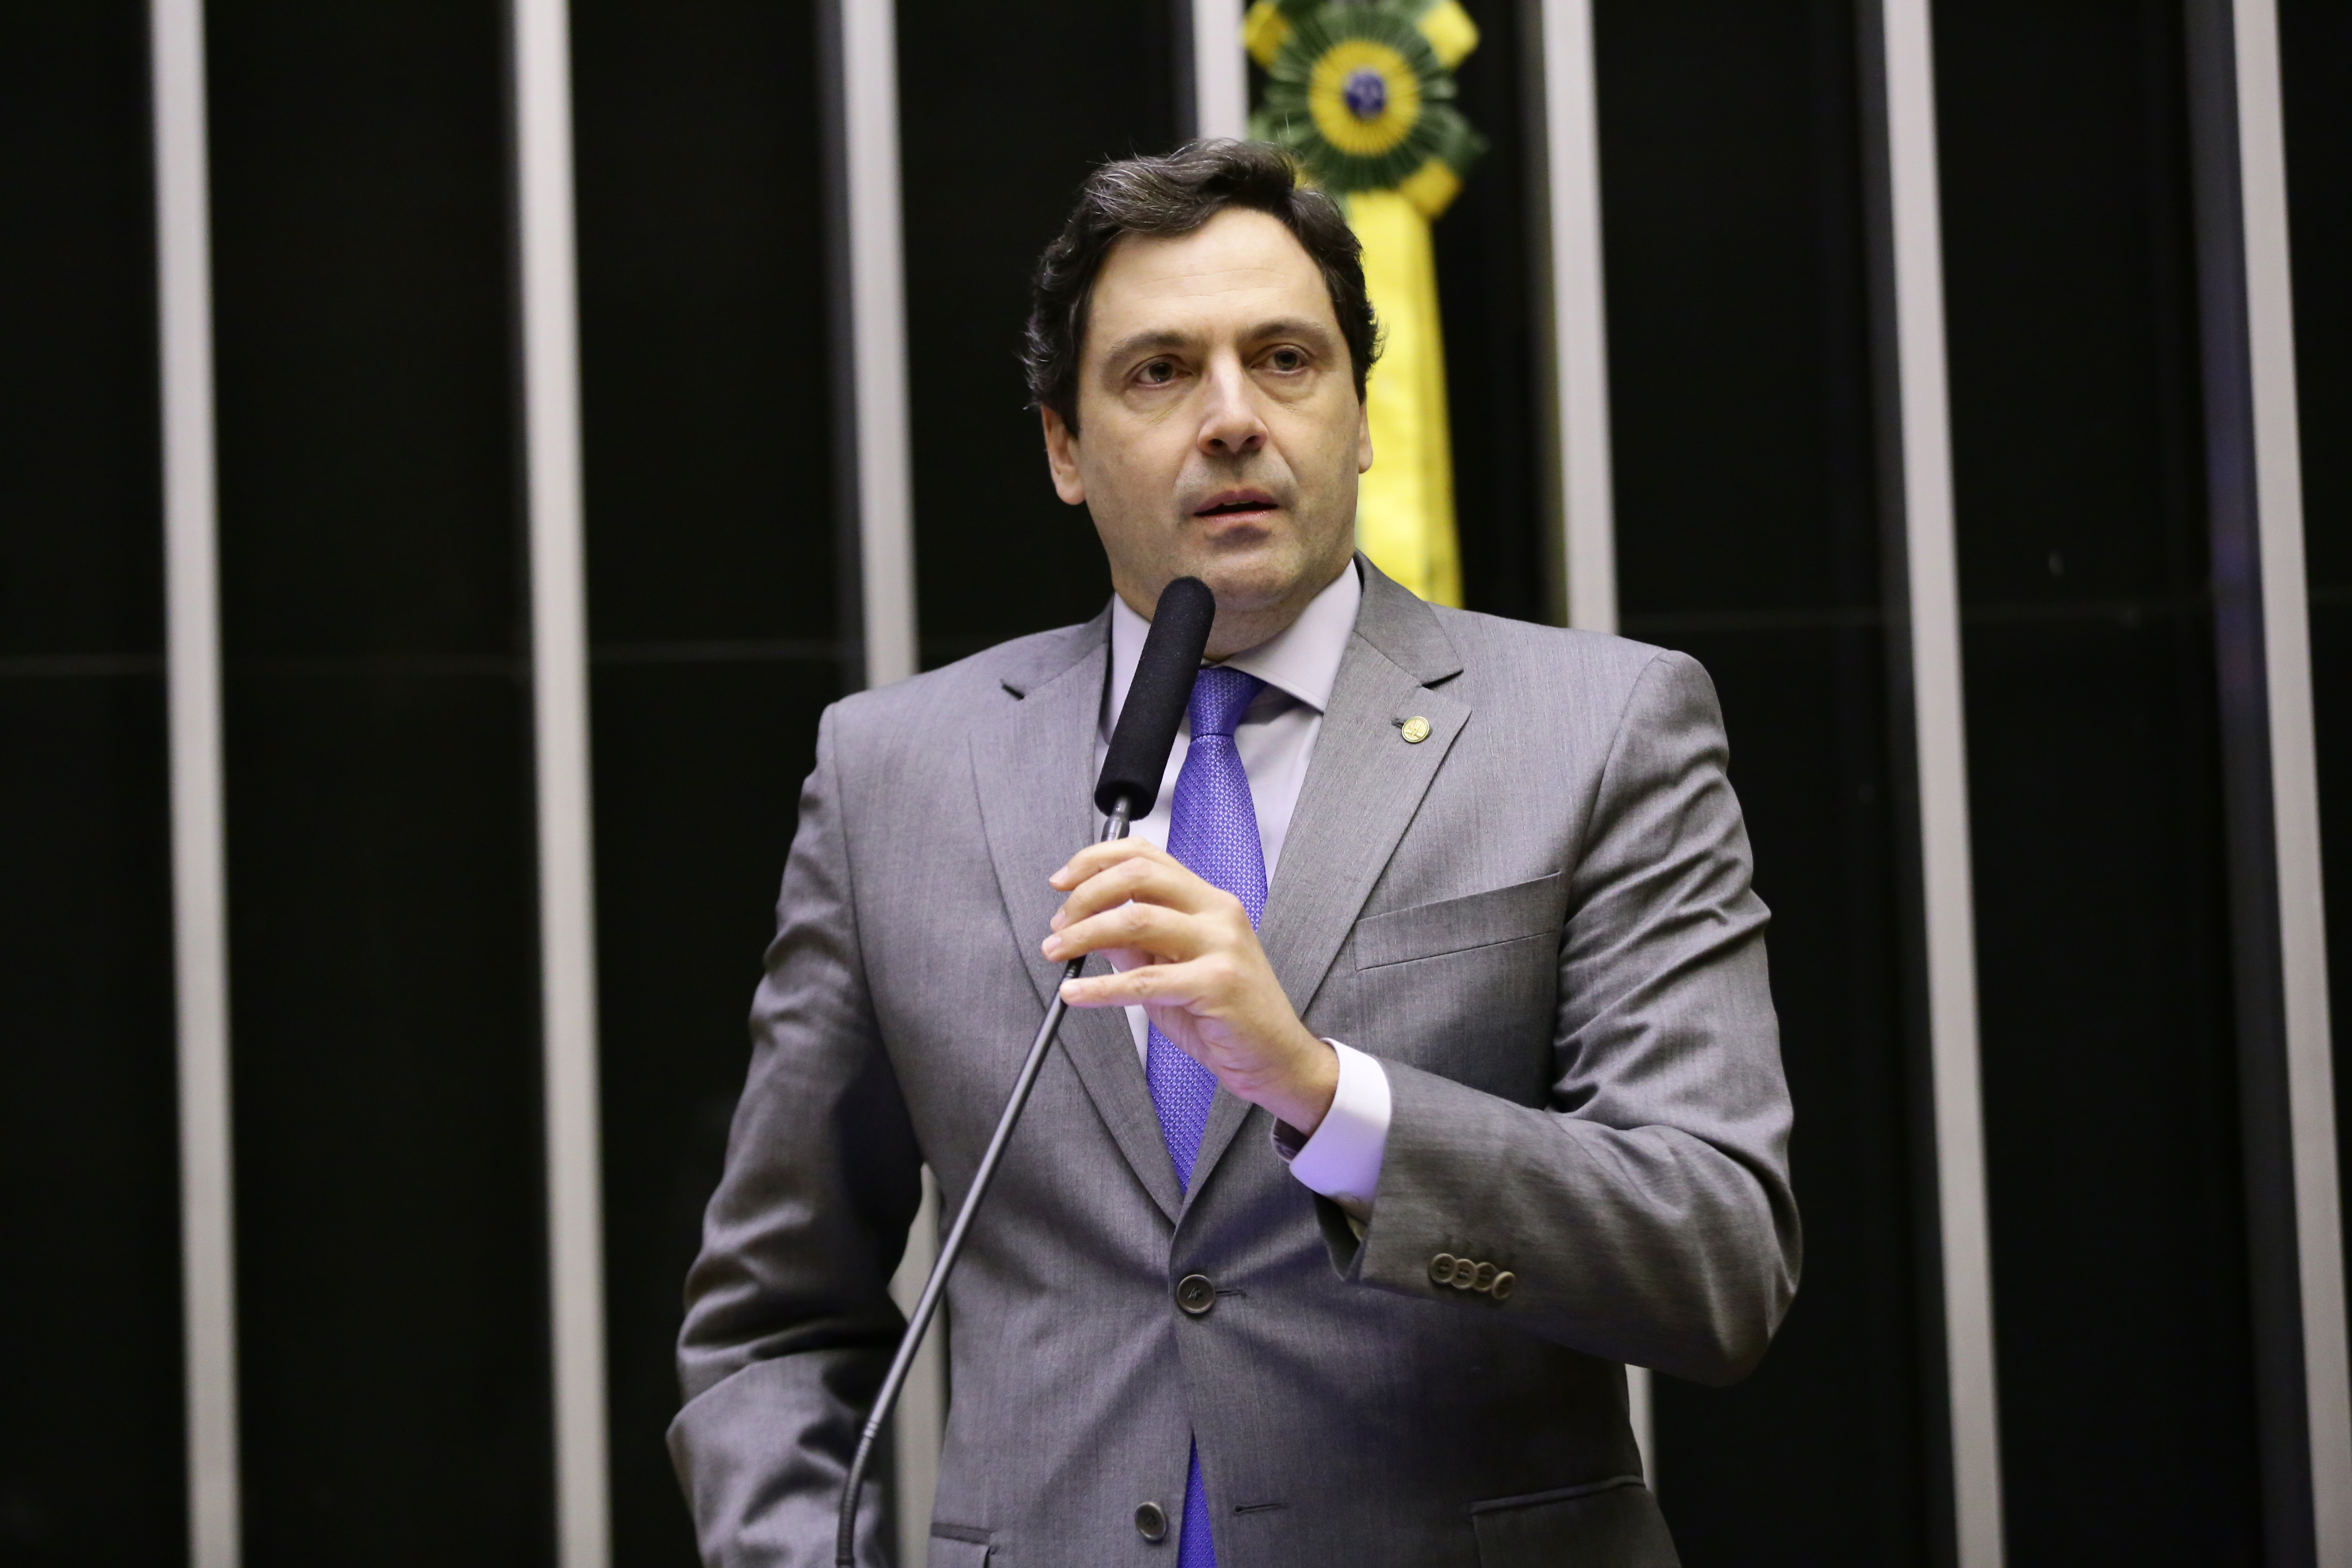 Sessão Solene em homenagem aos 131 Anos da Assinatura da Lei Áurea. Dep. Luiz Philippe de Orleans e Bragança (PSL-SP)